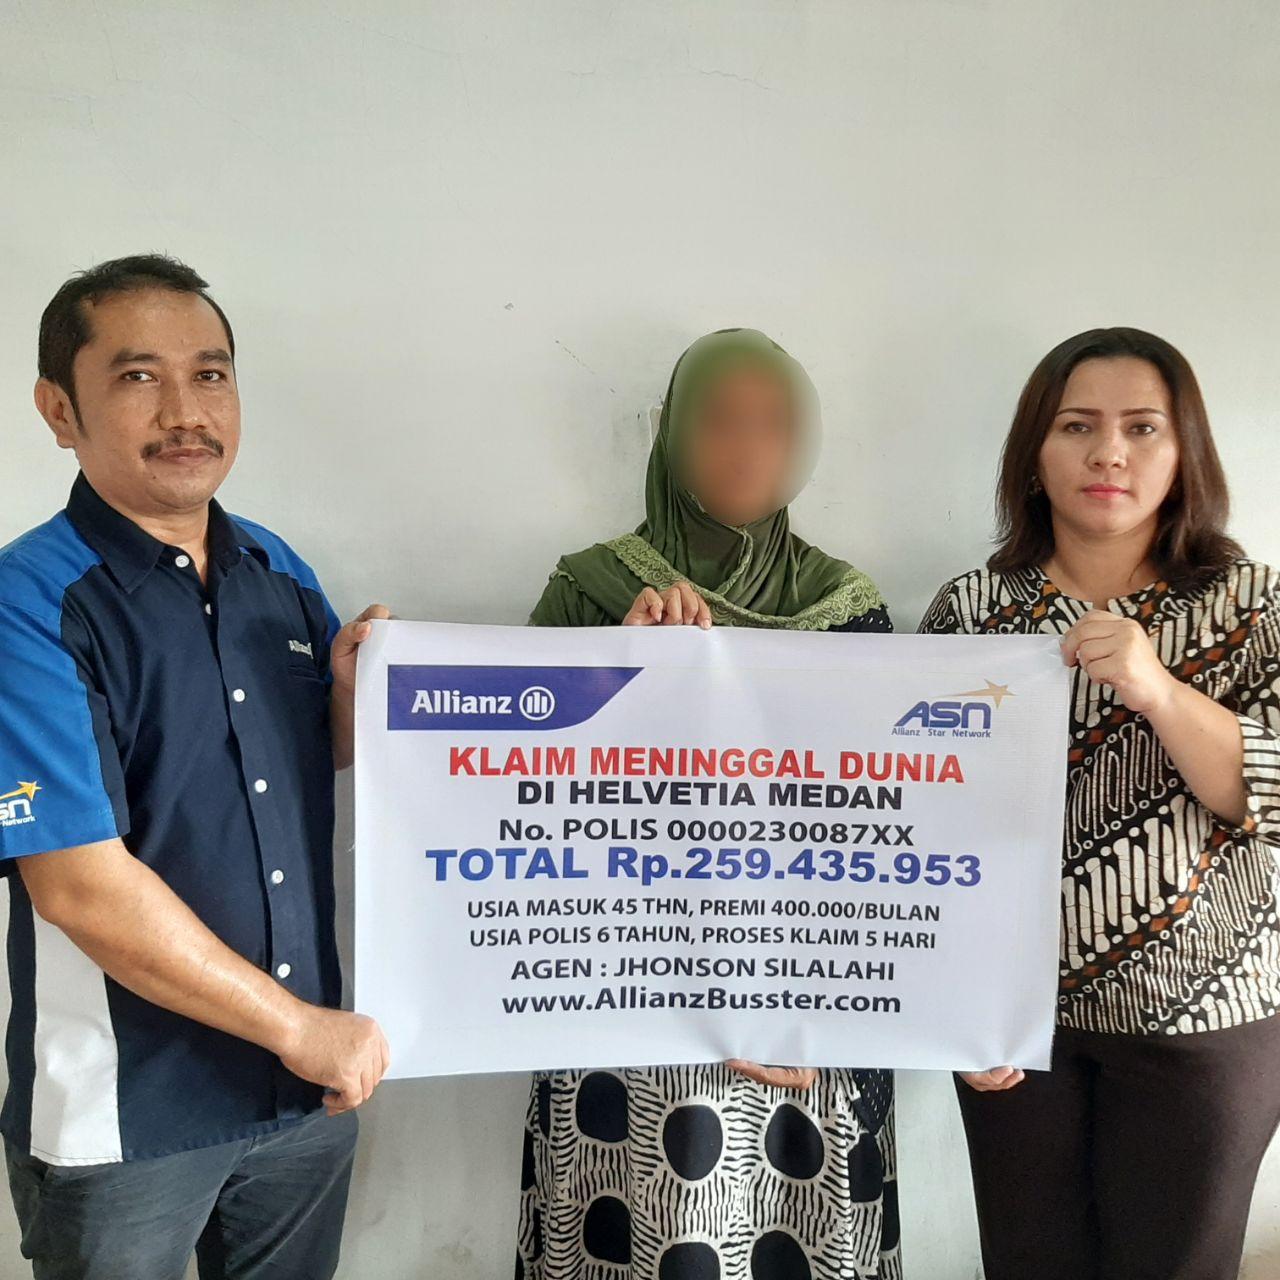 Pembayaran Claim Asuransi Jiwa di Helvetia Kota Medan